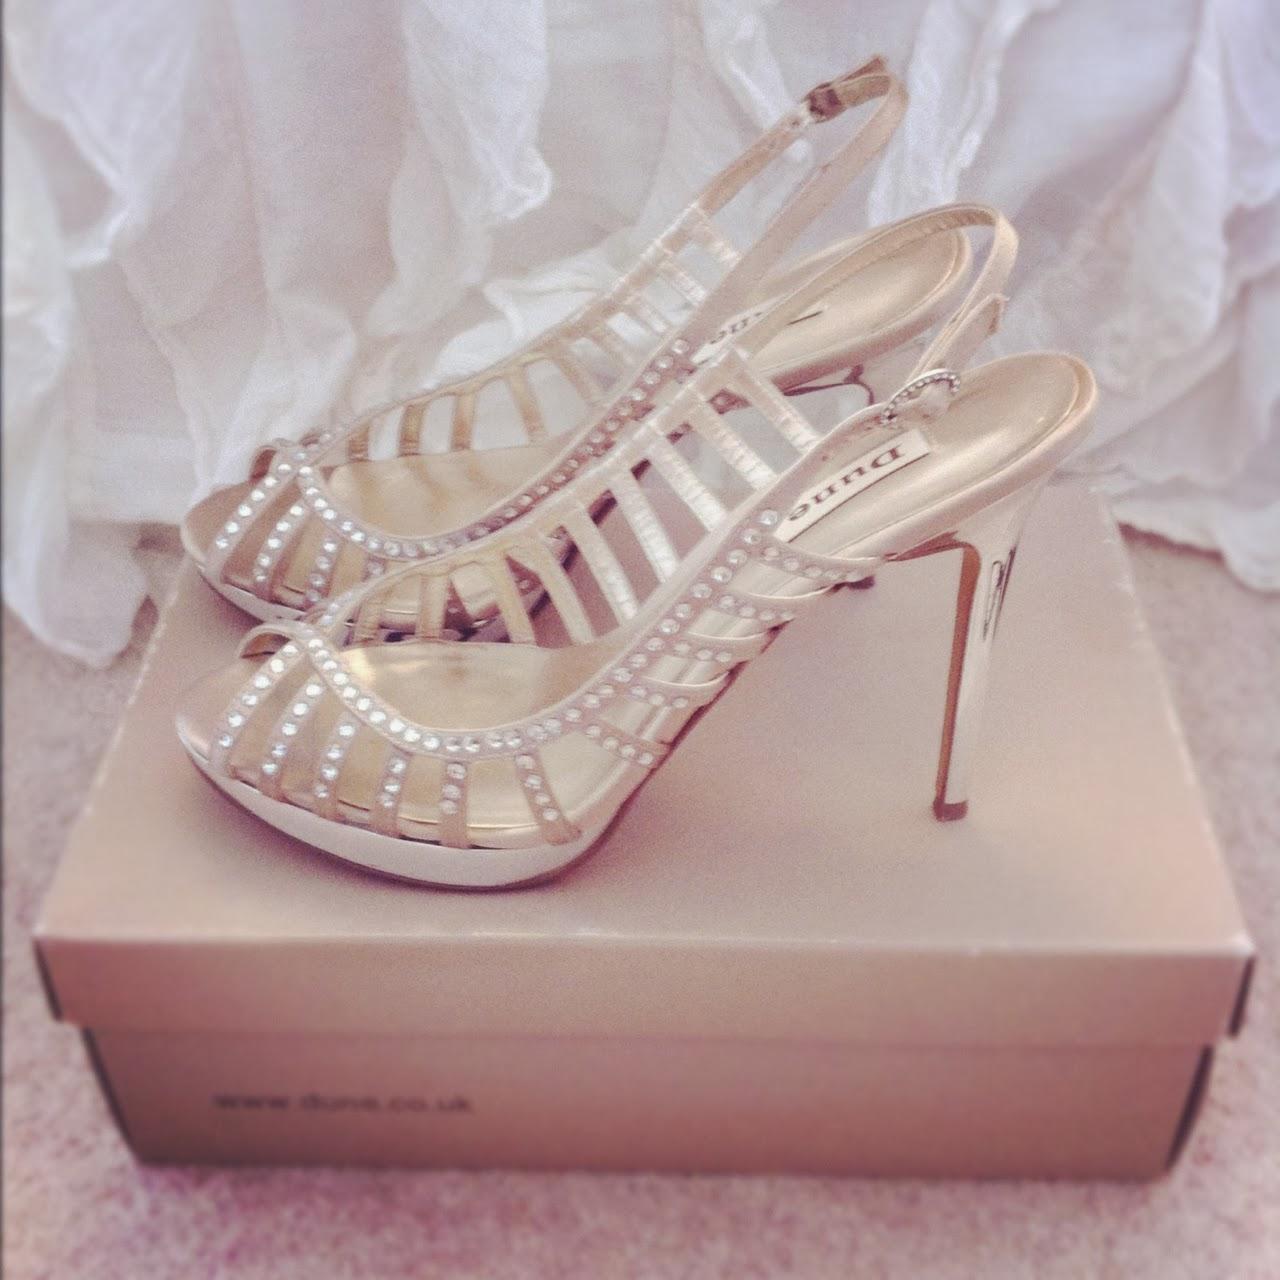 Los Zapatos de mujer mas populares